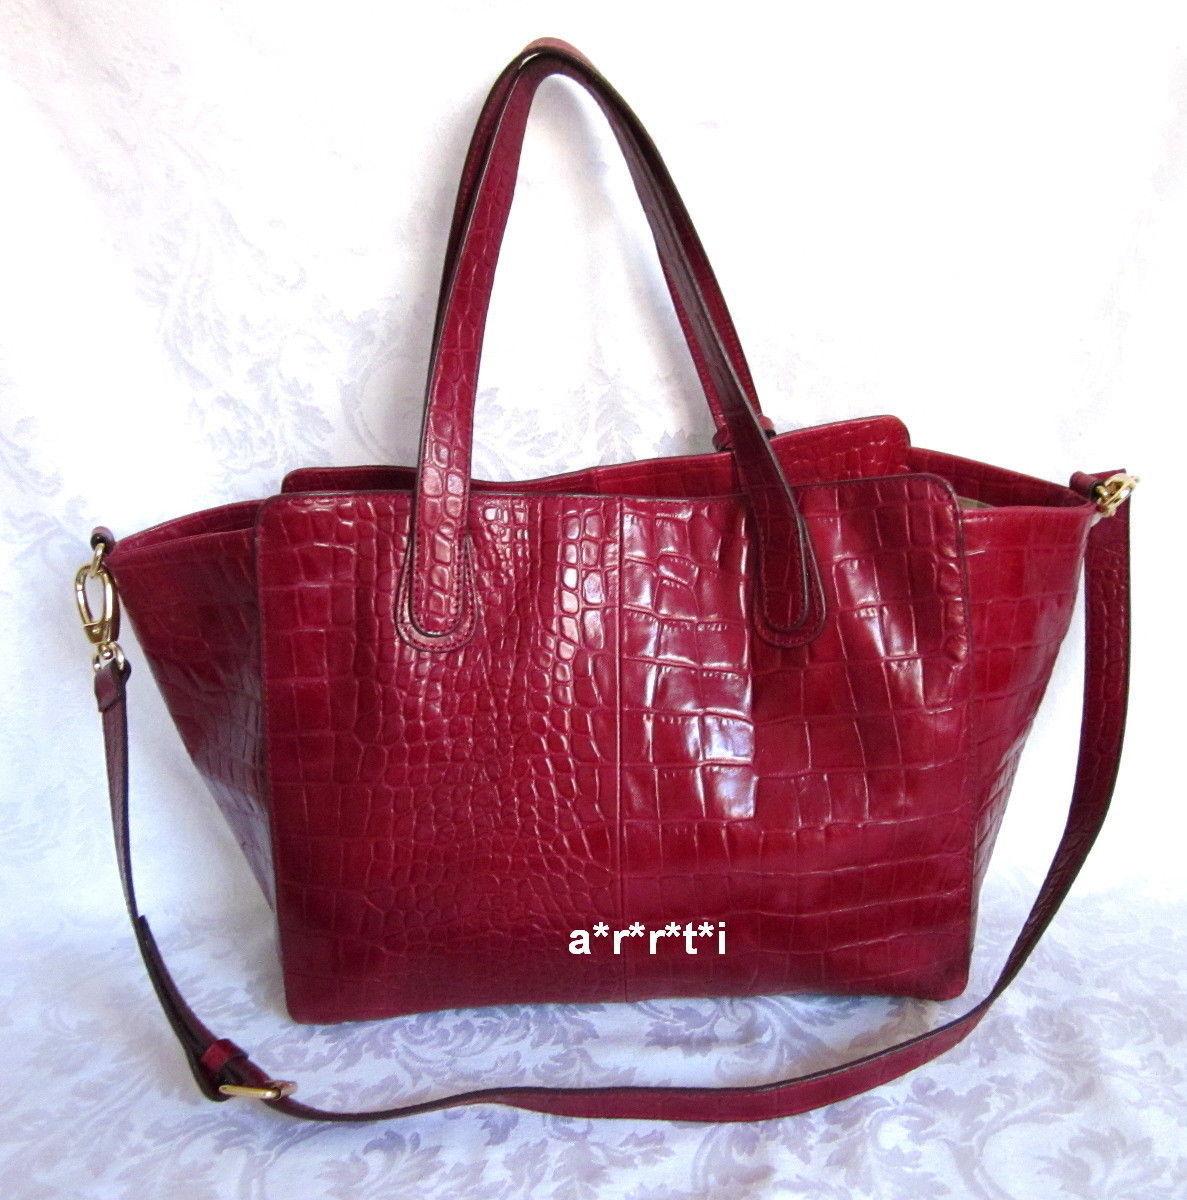 5ebc9923c2 t2ec16vhjiqe9quhthpebroqvygf g 60 57. t2ec16vhjiqe9quhthpebroqvygf g 60 57.  Previous. Cynthia Rowley Red Croc Embossed Leather Tote ...